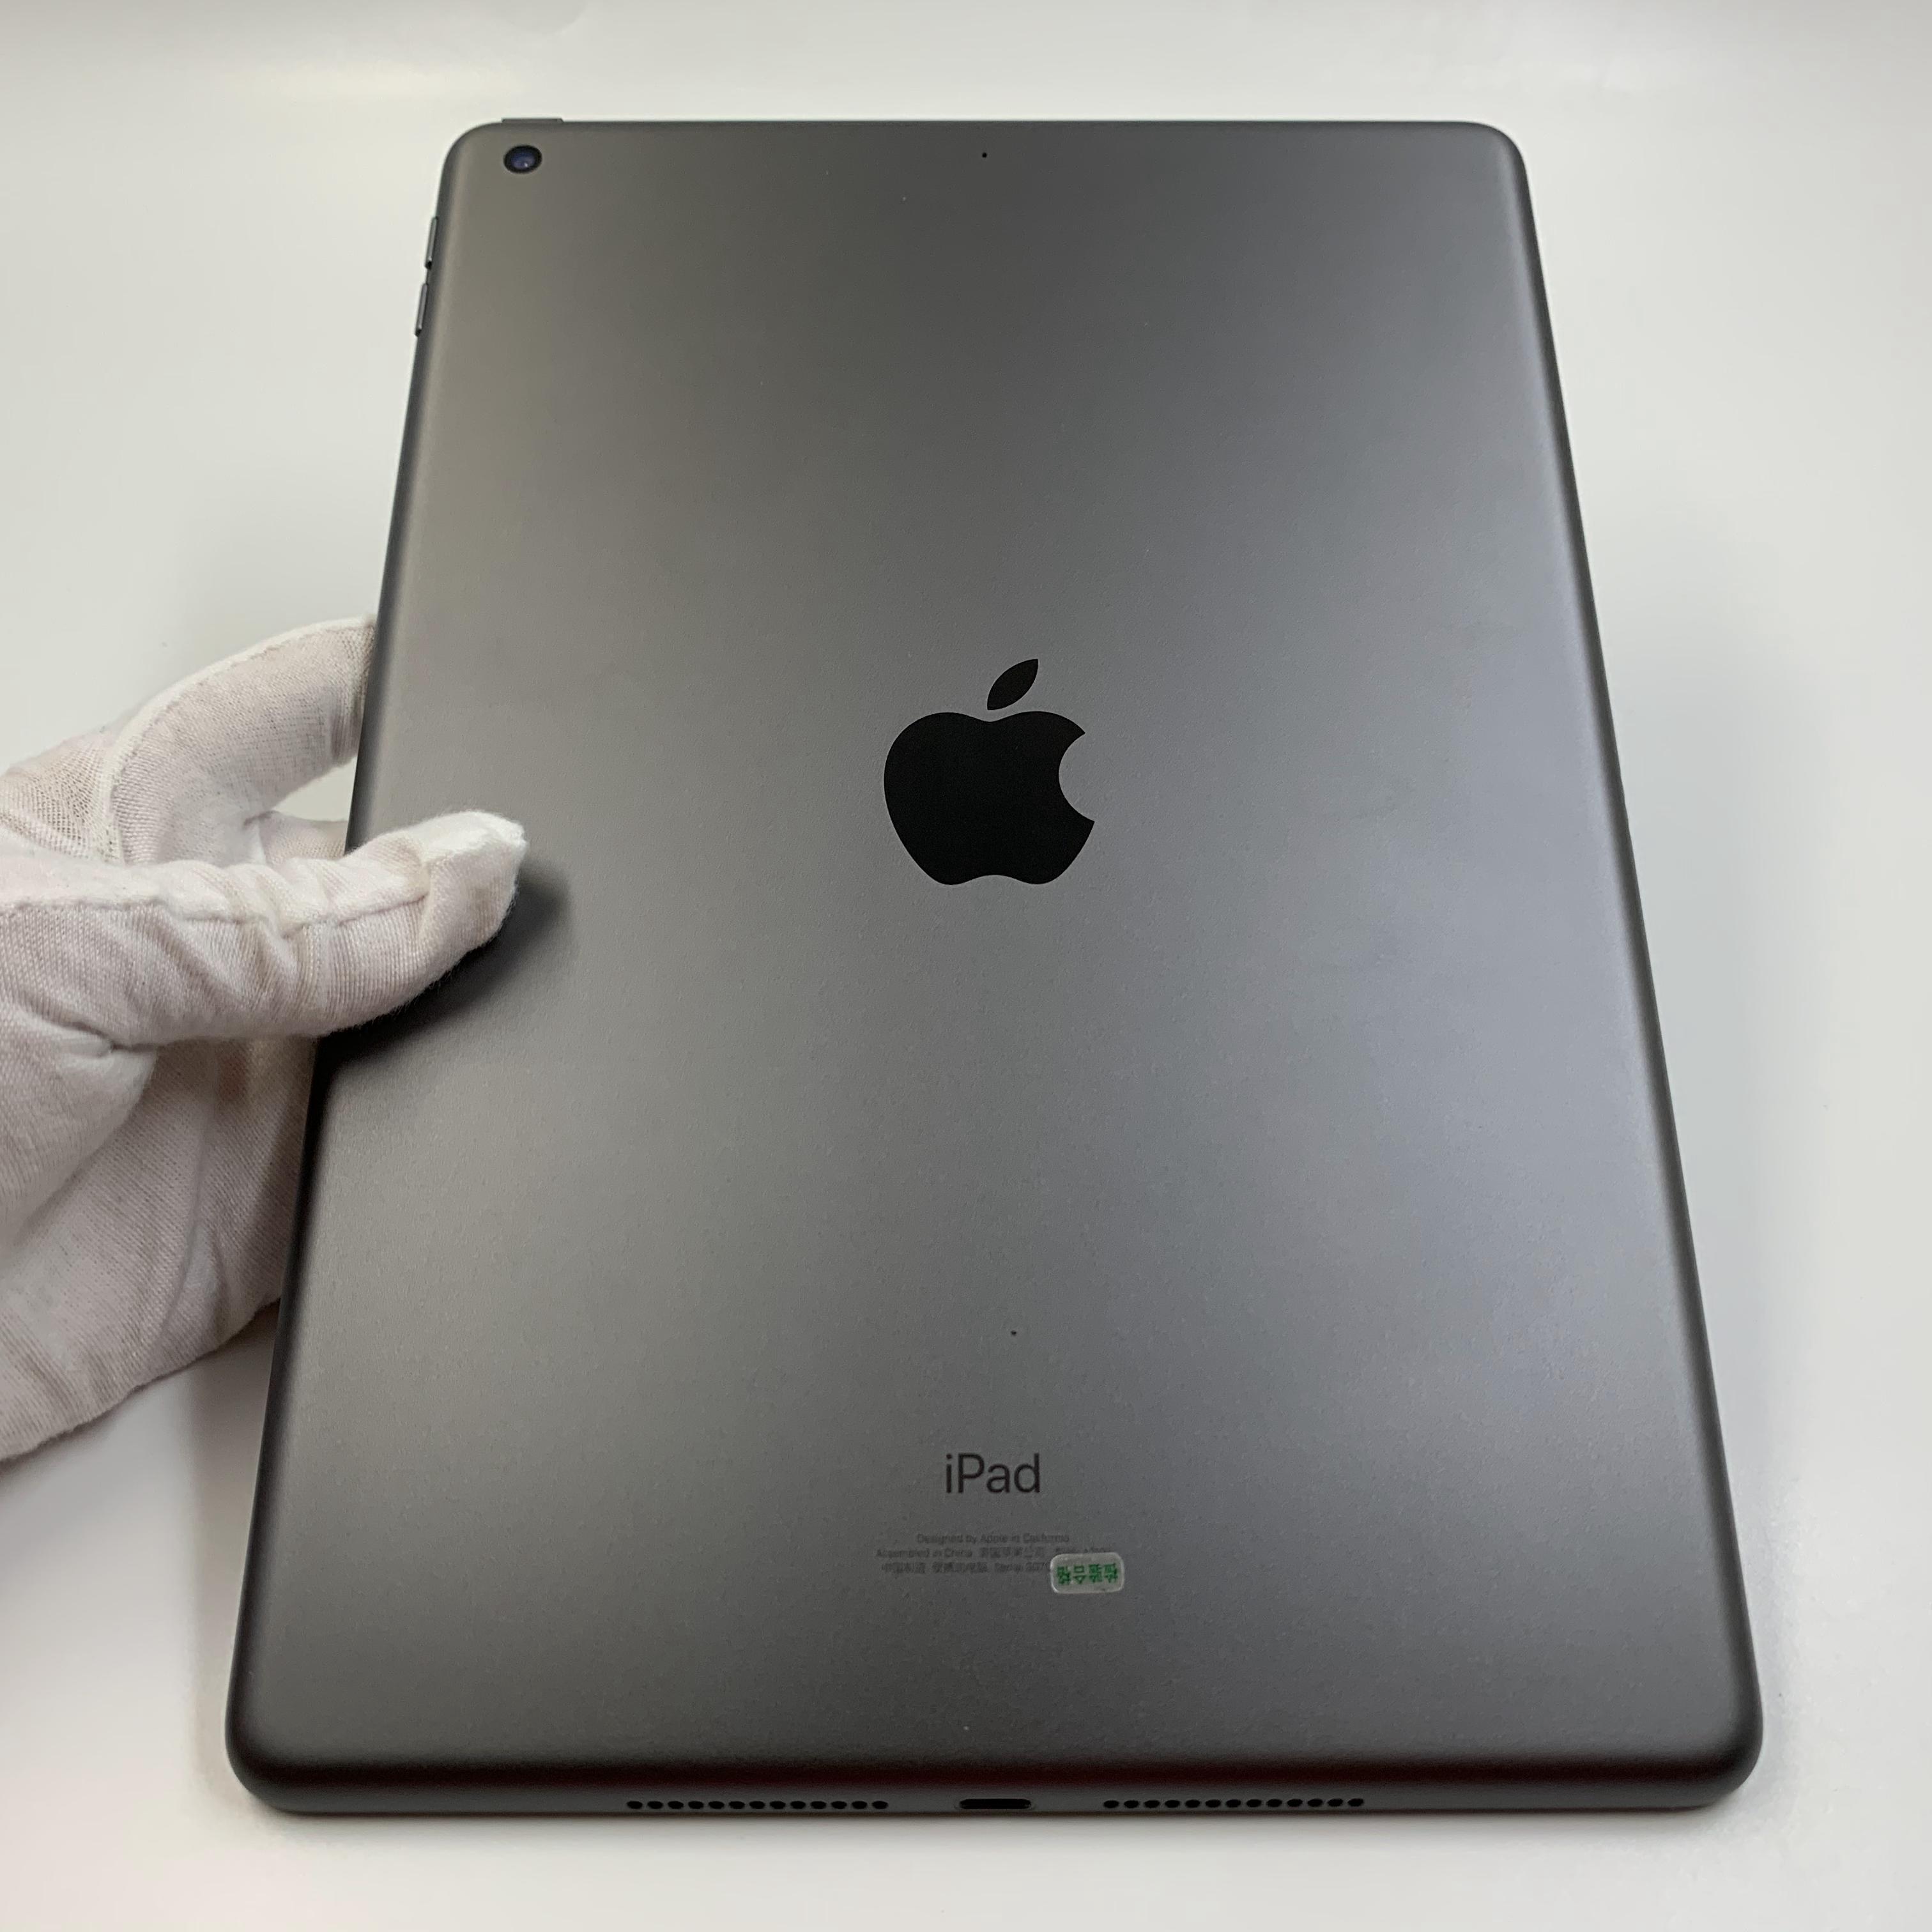 苹果【iPad 2019款10.2英寸】WIFI版 深空灰 128G 国行 99新 真机实拍官保2021-07-22